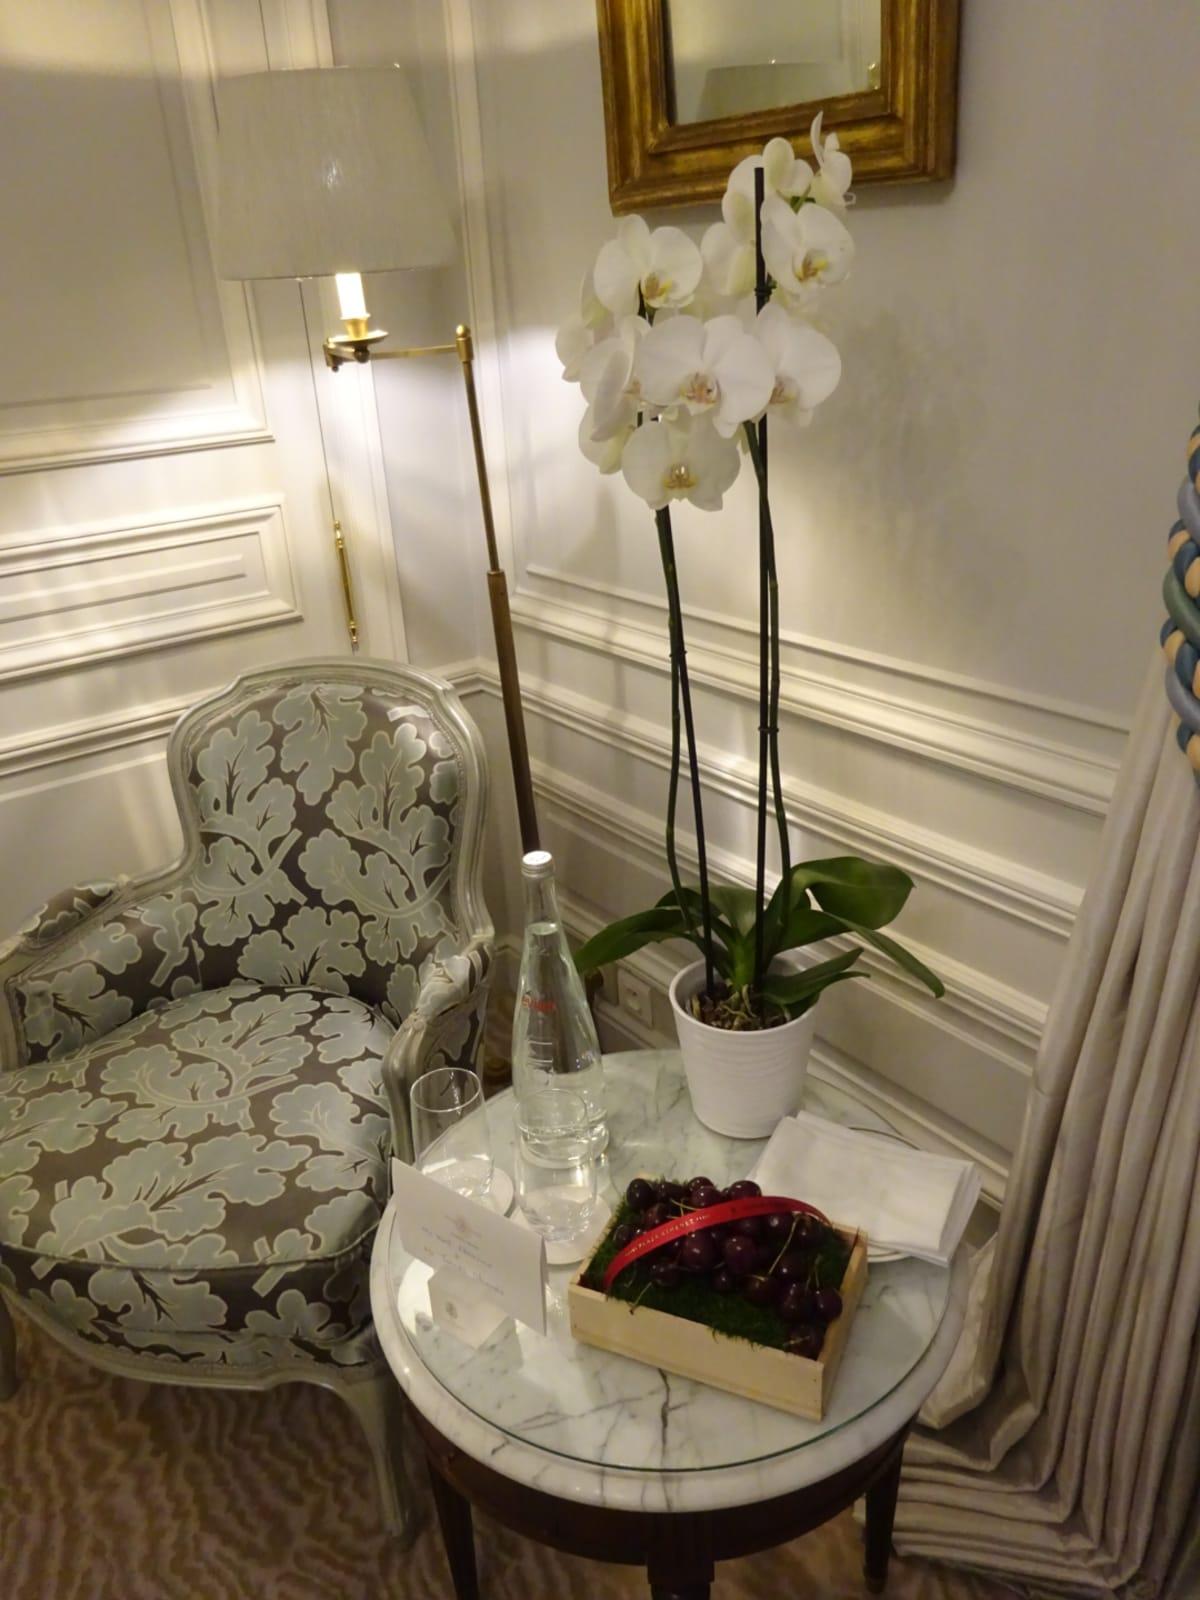 ホテルからサクランボのアメニティがサービスで。甘くて美味しいです。 | パリ